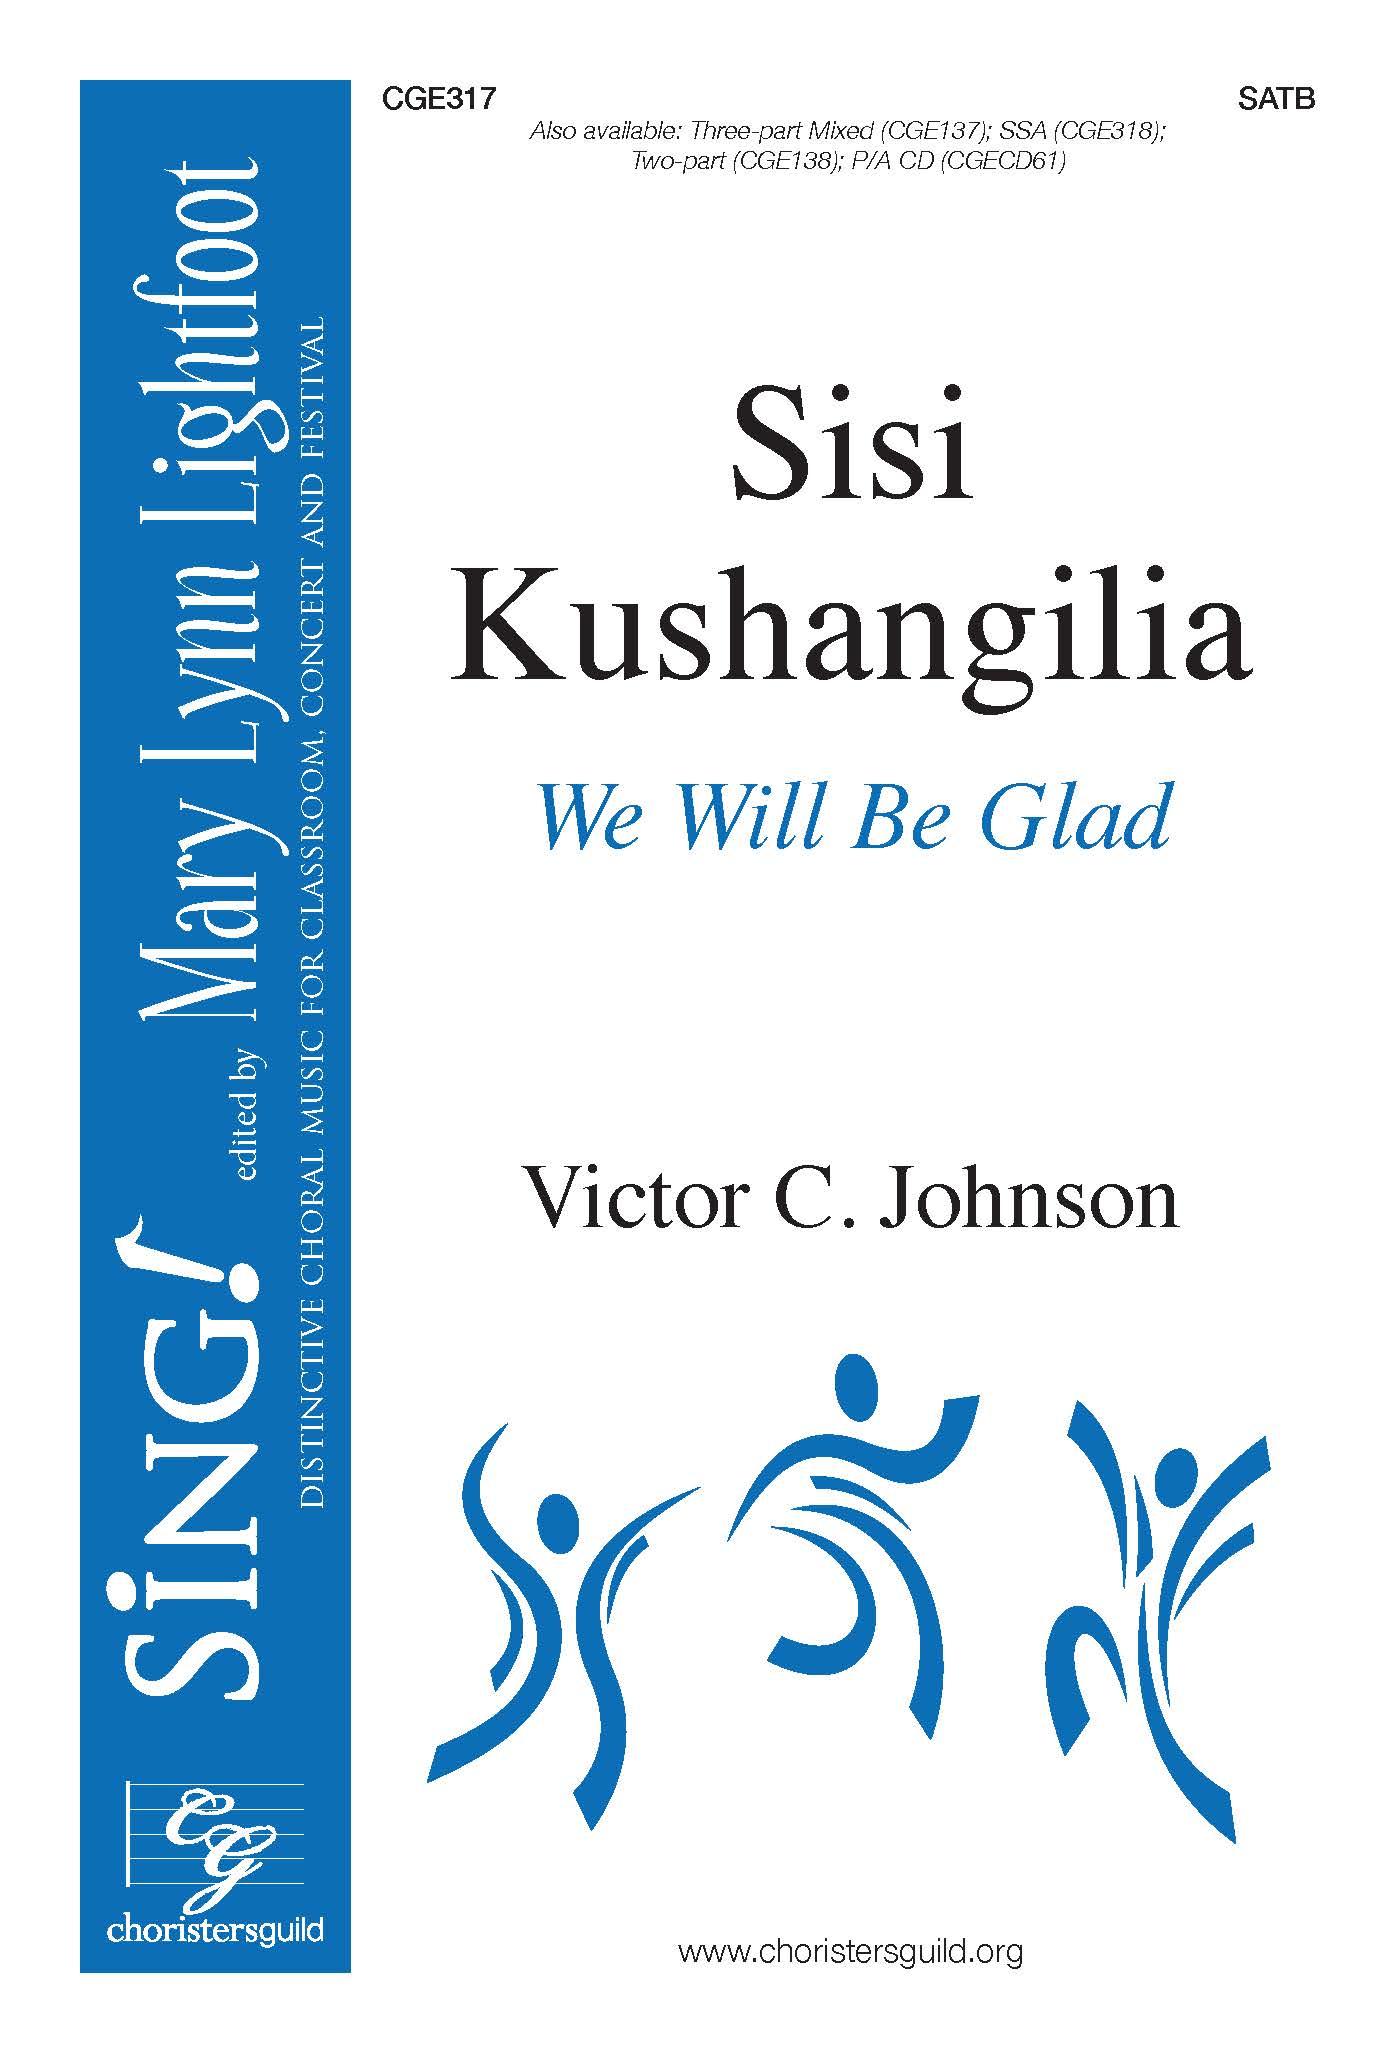 Sisi Kushangilia (We Will Be Glad) - SATB